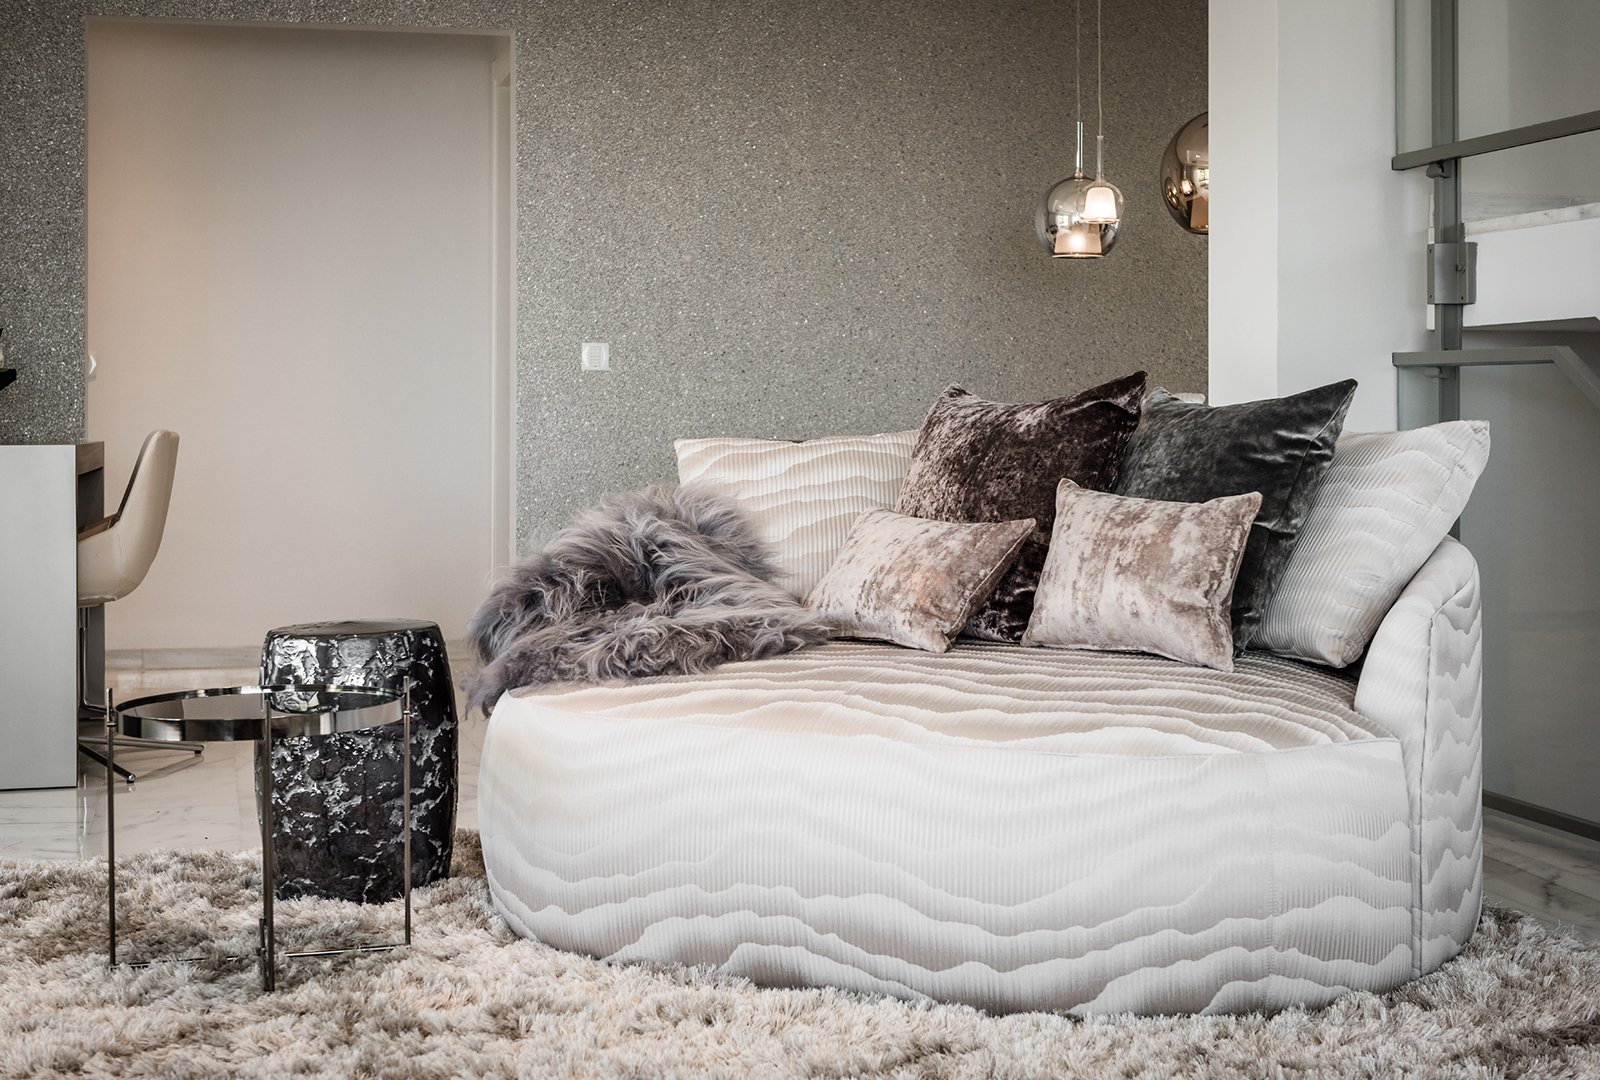 el-arenal-marbella-ambience-home-design-20